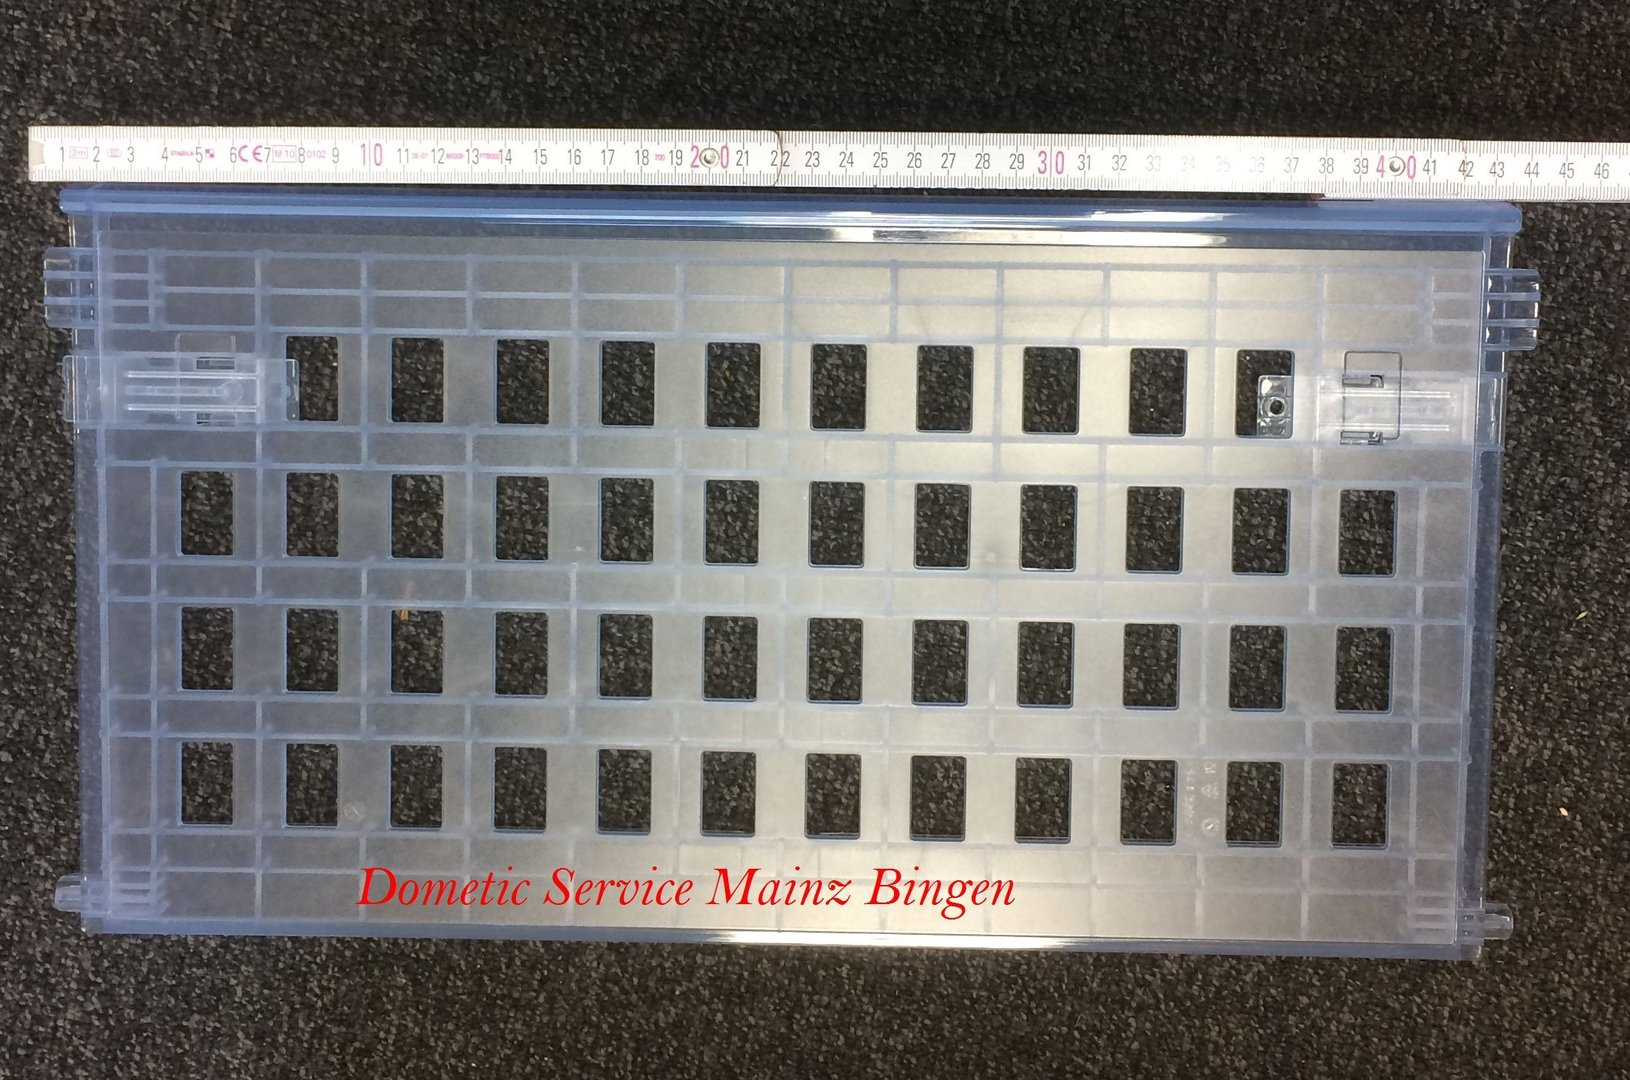 Kühlschrank Einlegeboden : Gitter oben ablage dometic kühlschrank rmd855x rmdt855x